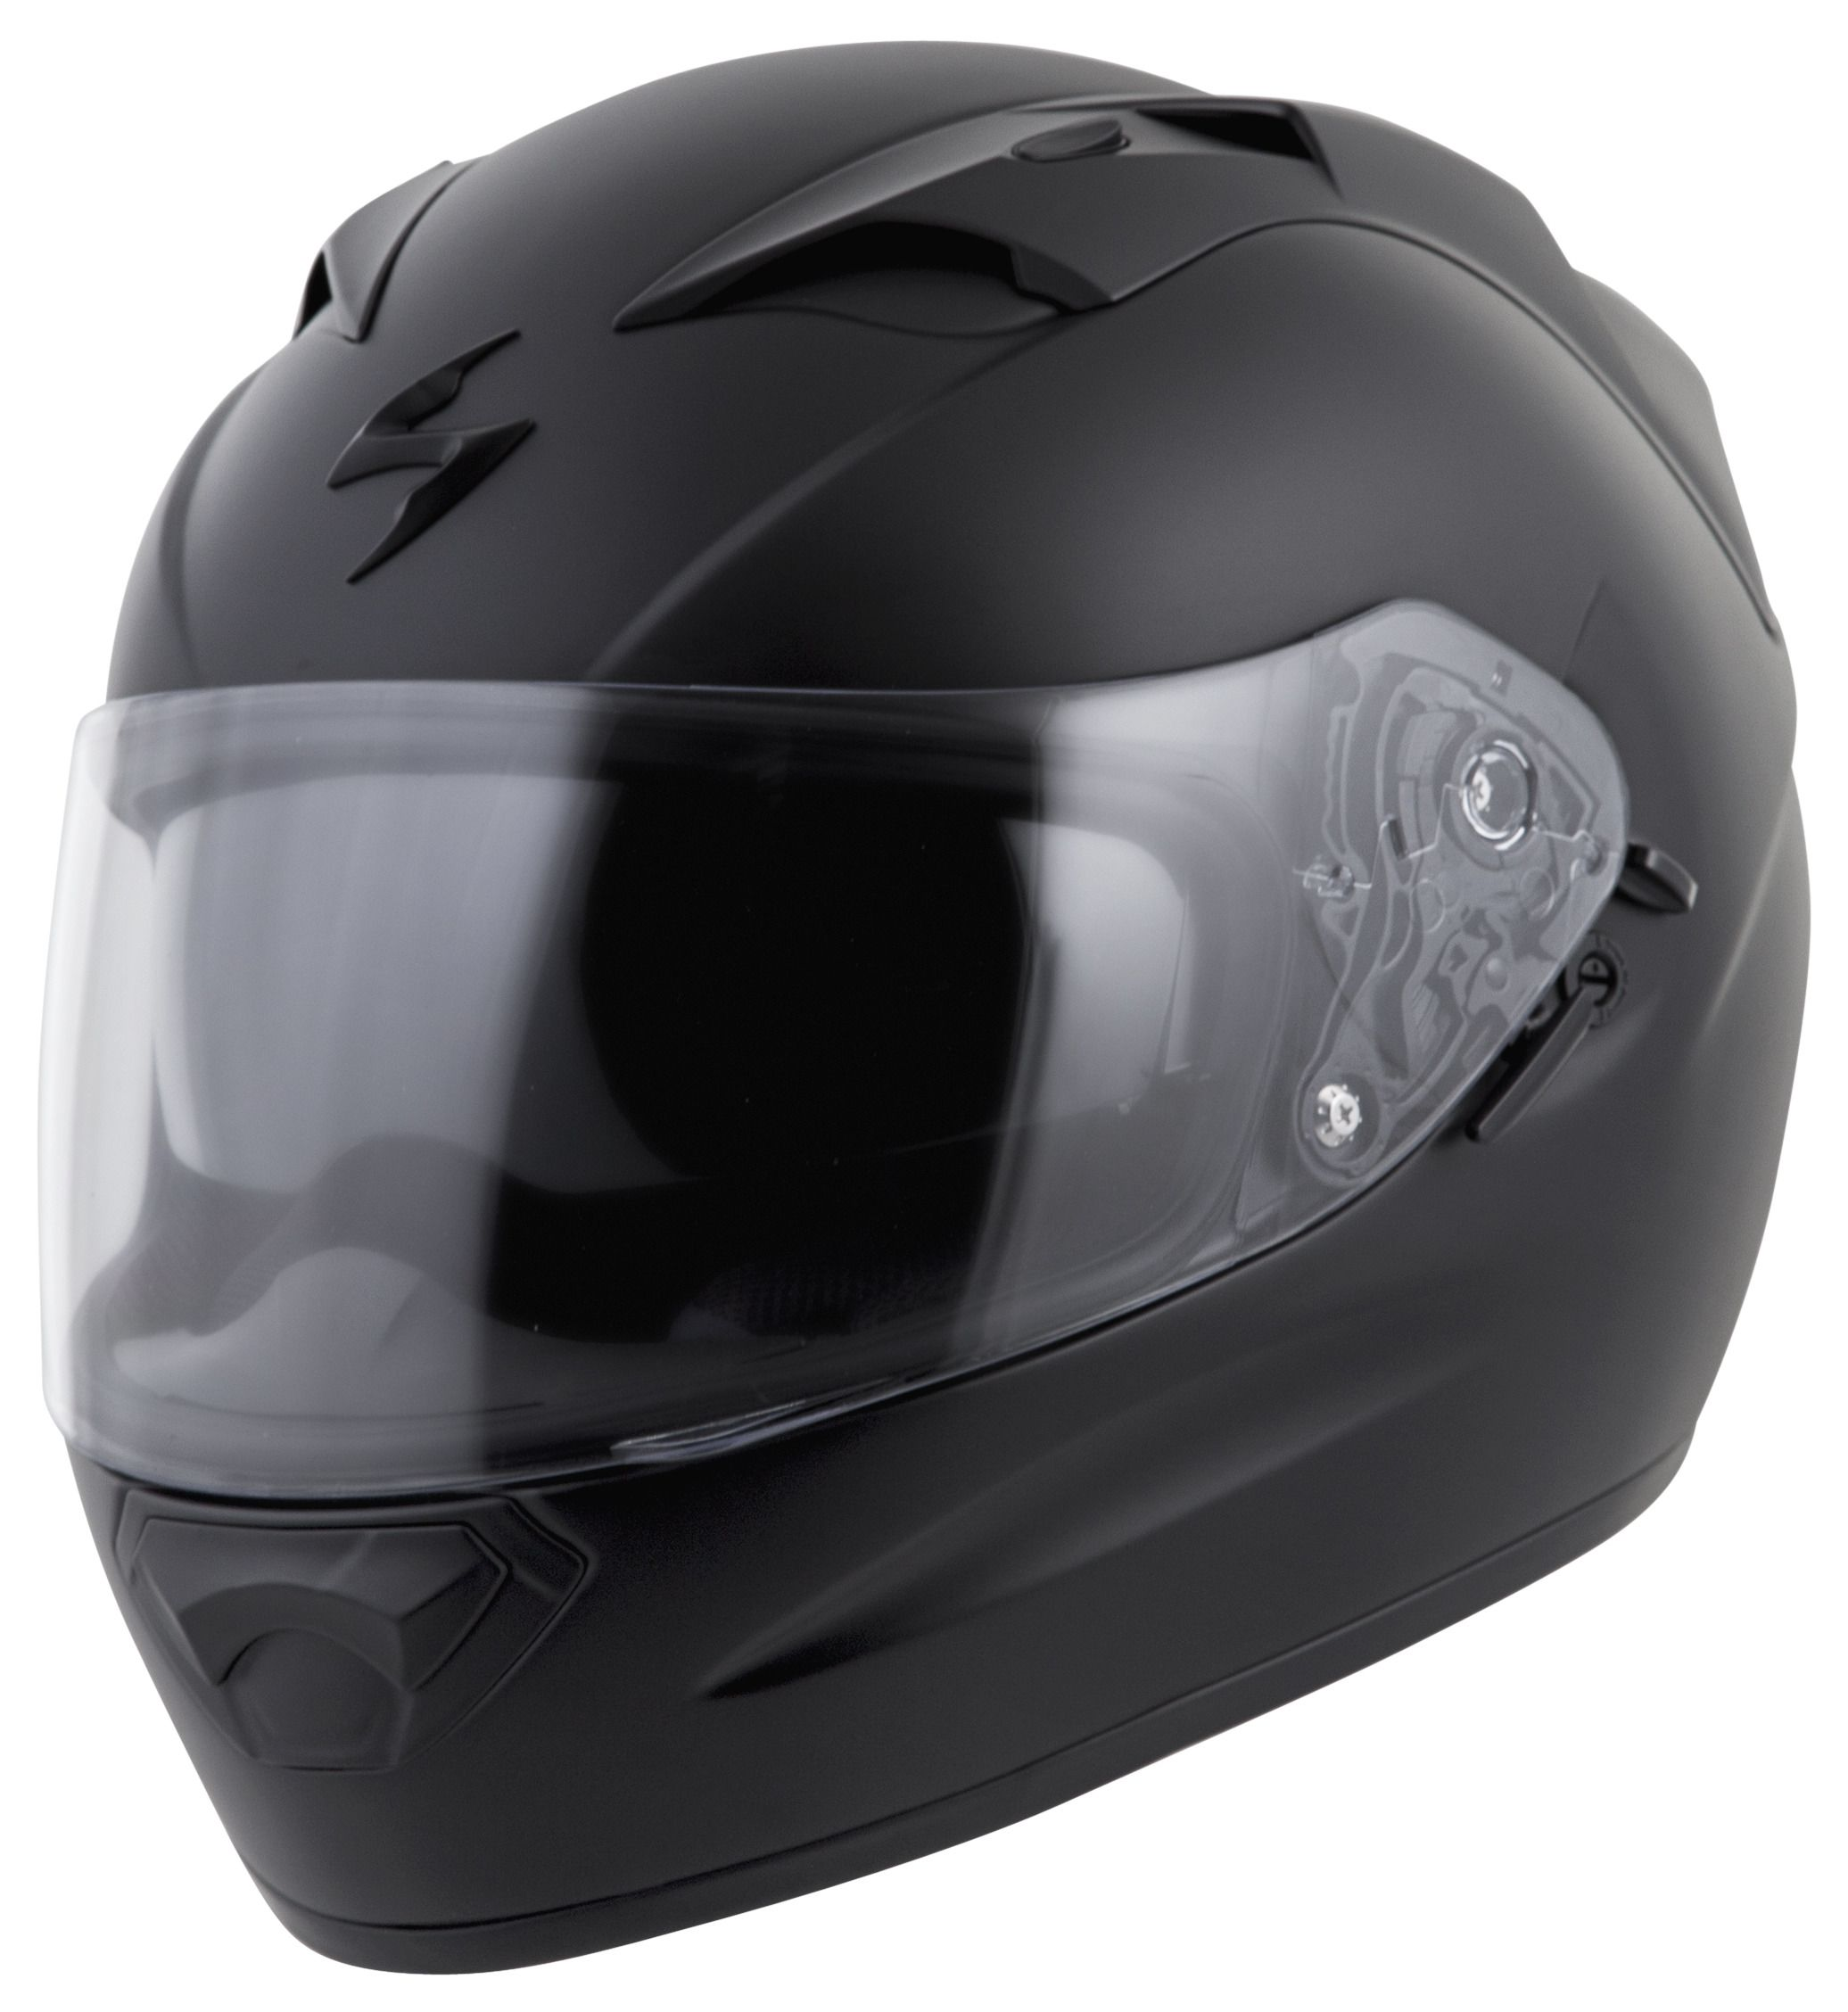 7783e406 Scorpion EXO-T1200 Helmet - Solid - RevZilla